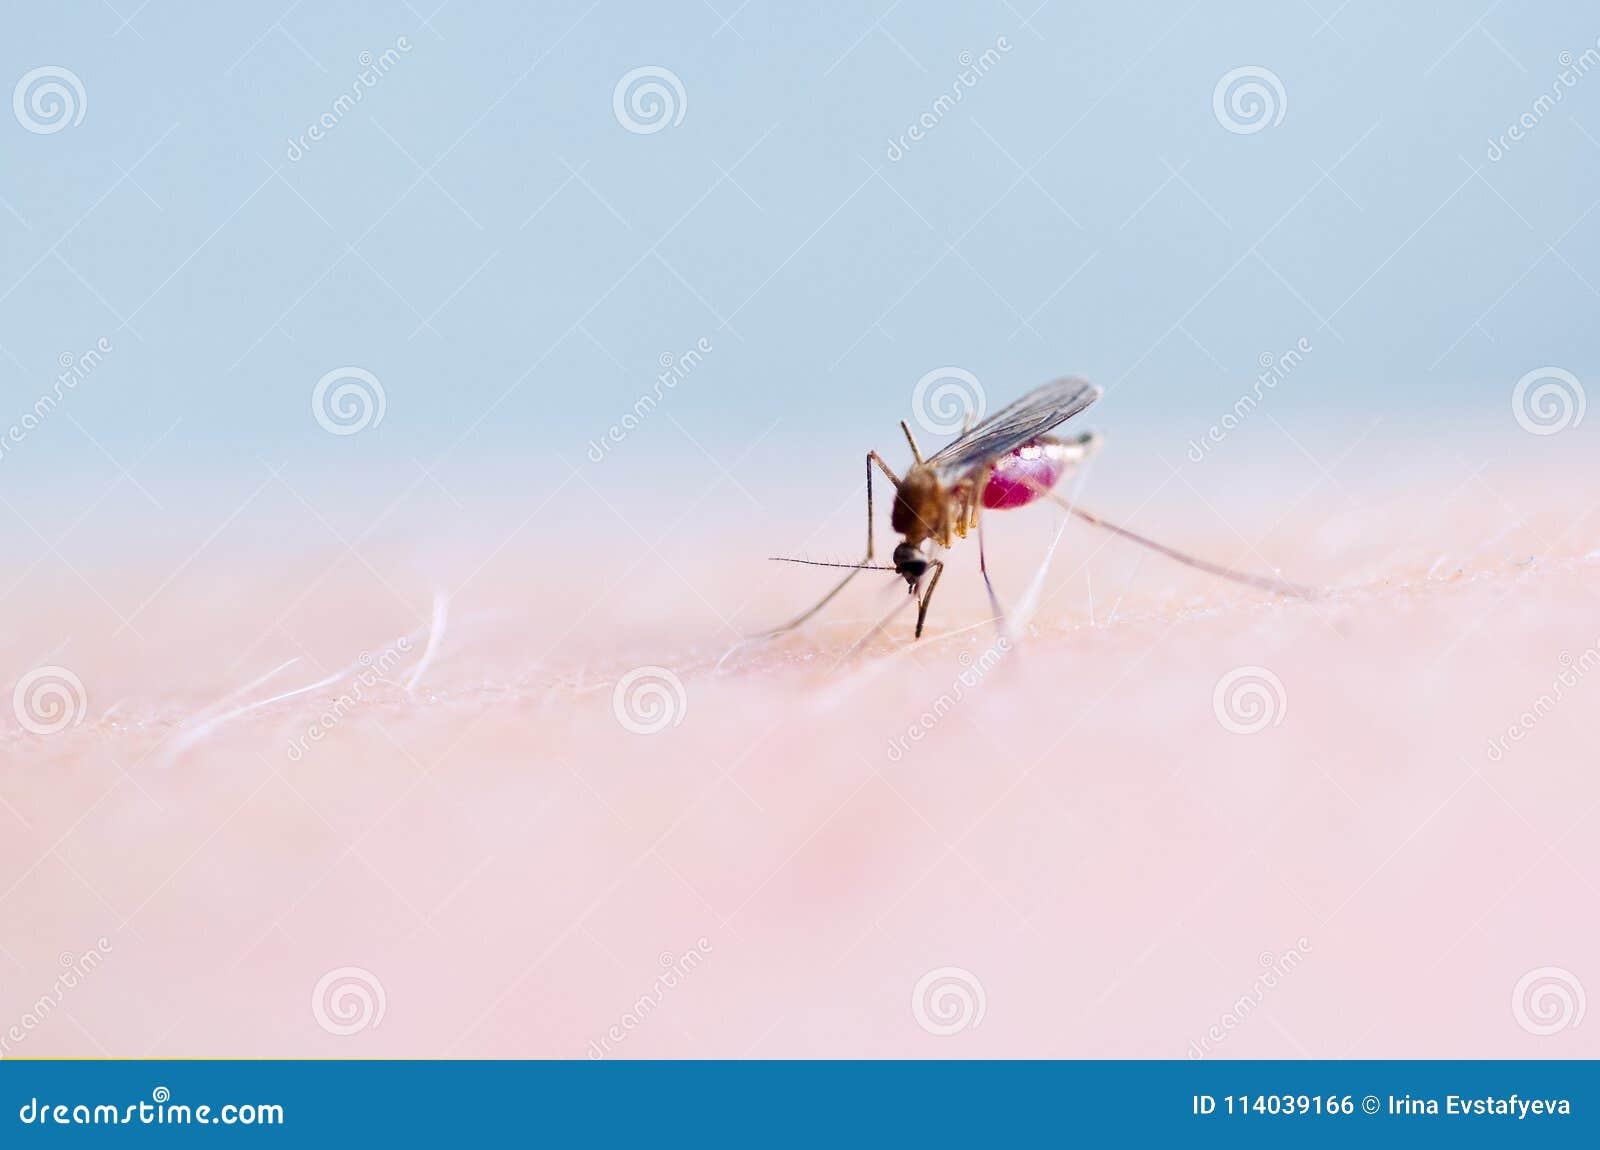 Schließen Sie oben von saugendem Blut des Moskitos auf menschlicher Haut, Moskito ist Träger von Malaria gehirnentzündung Dengue-